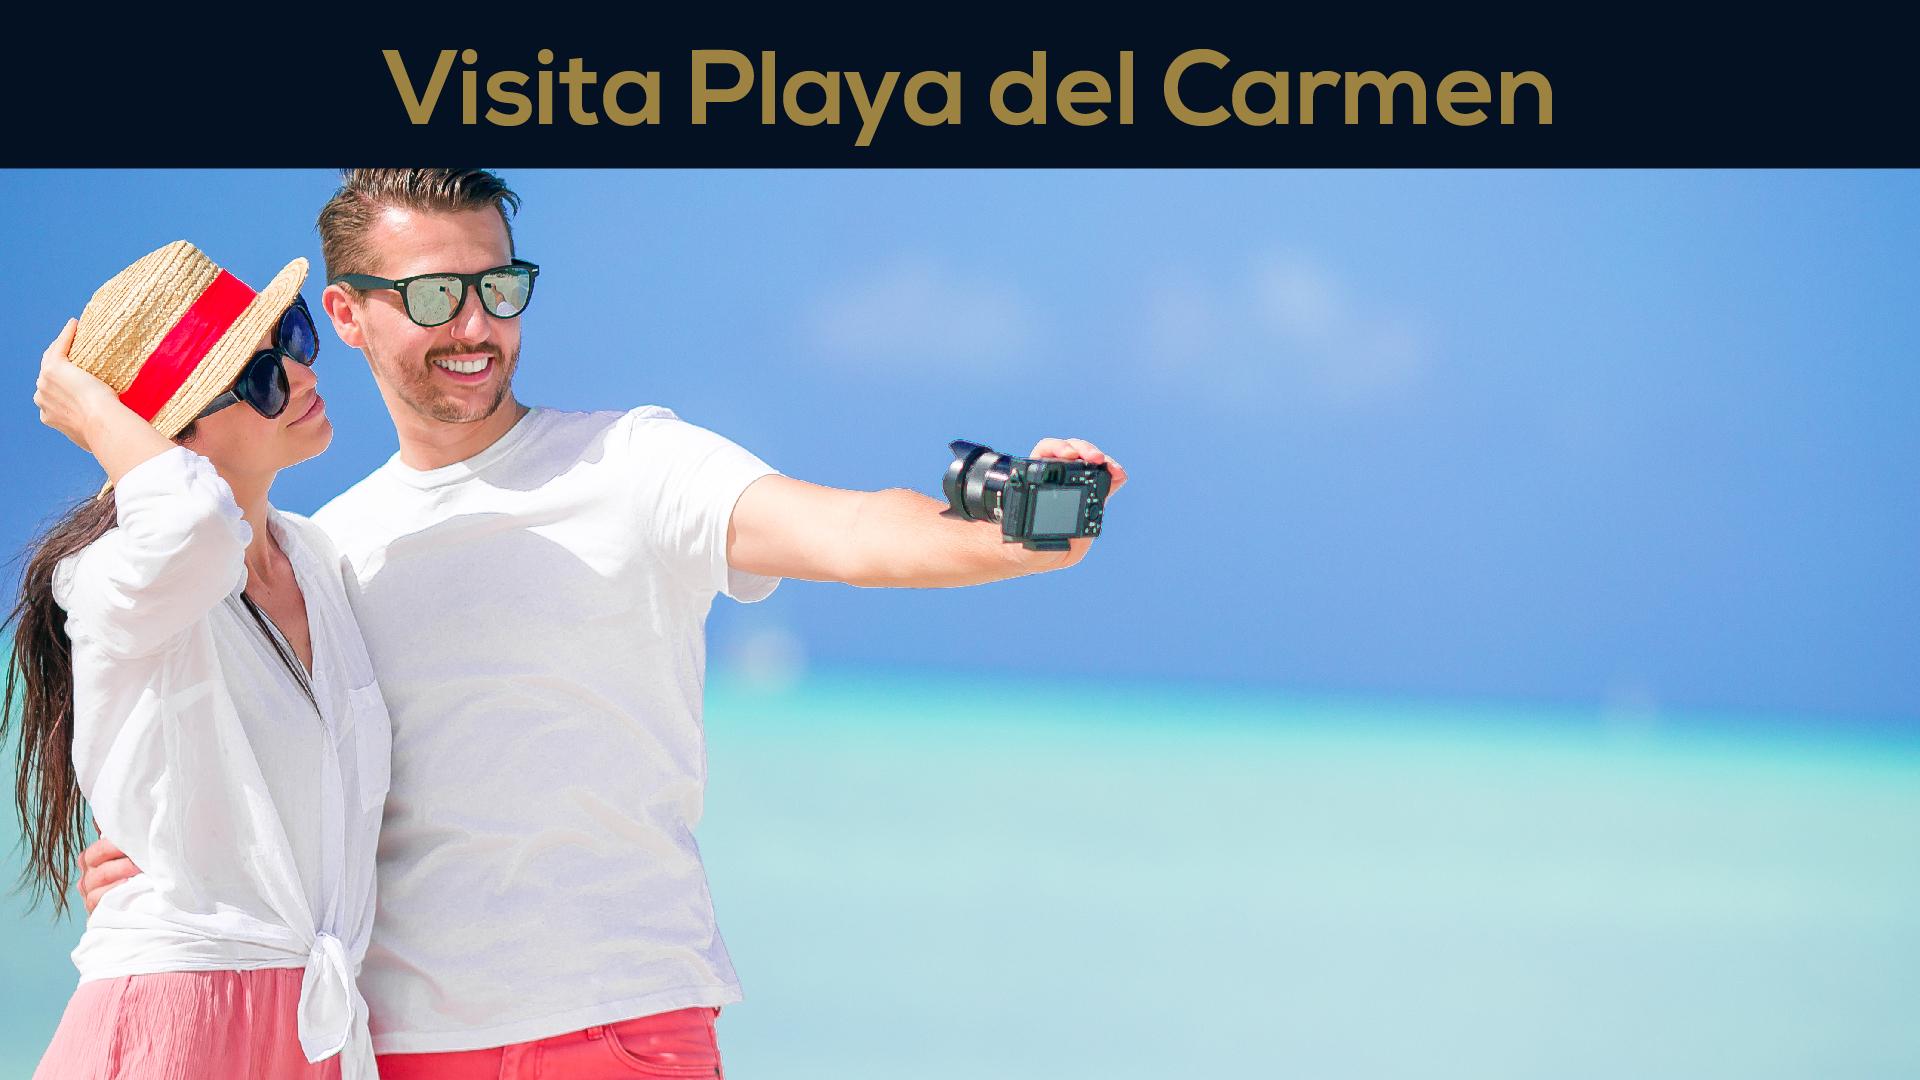 Lugares_PlayaCarmen